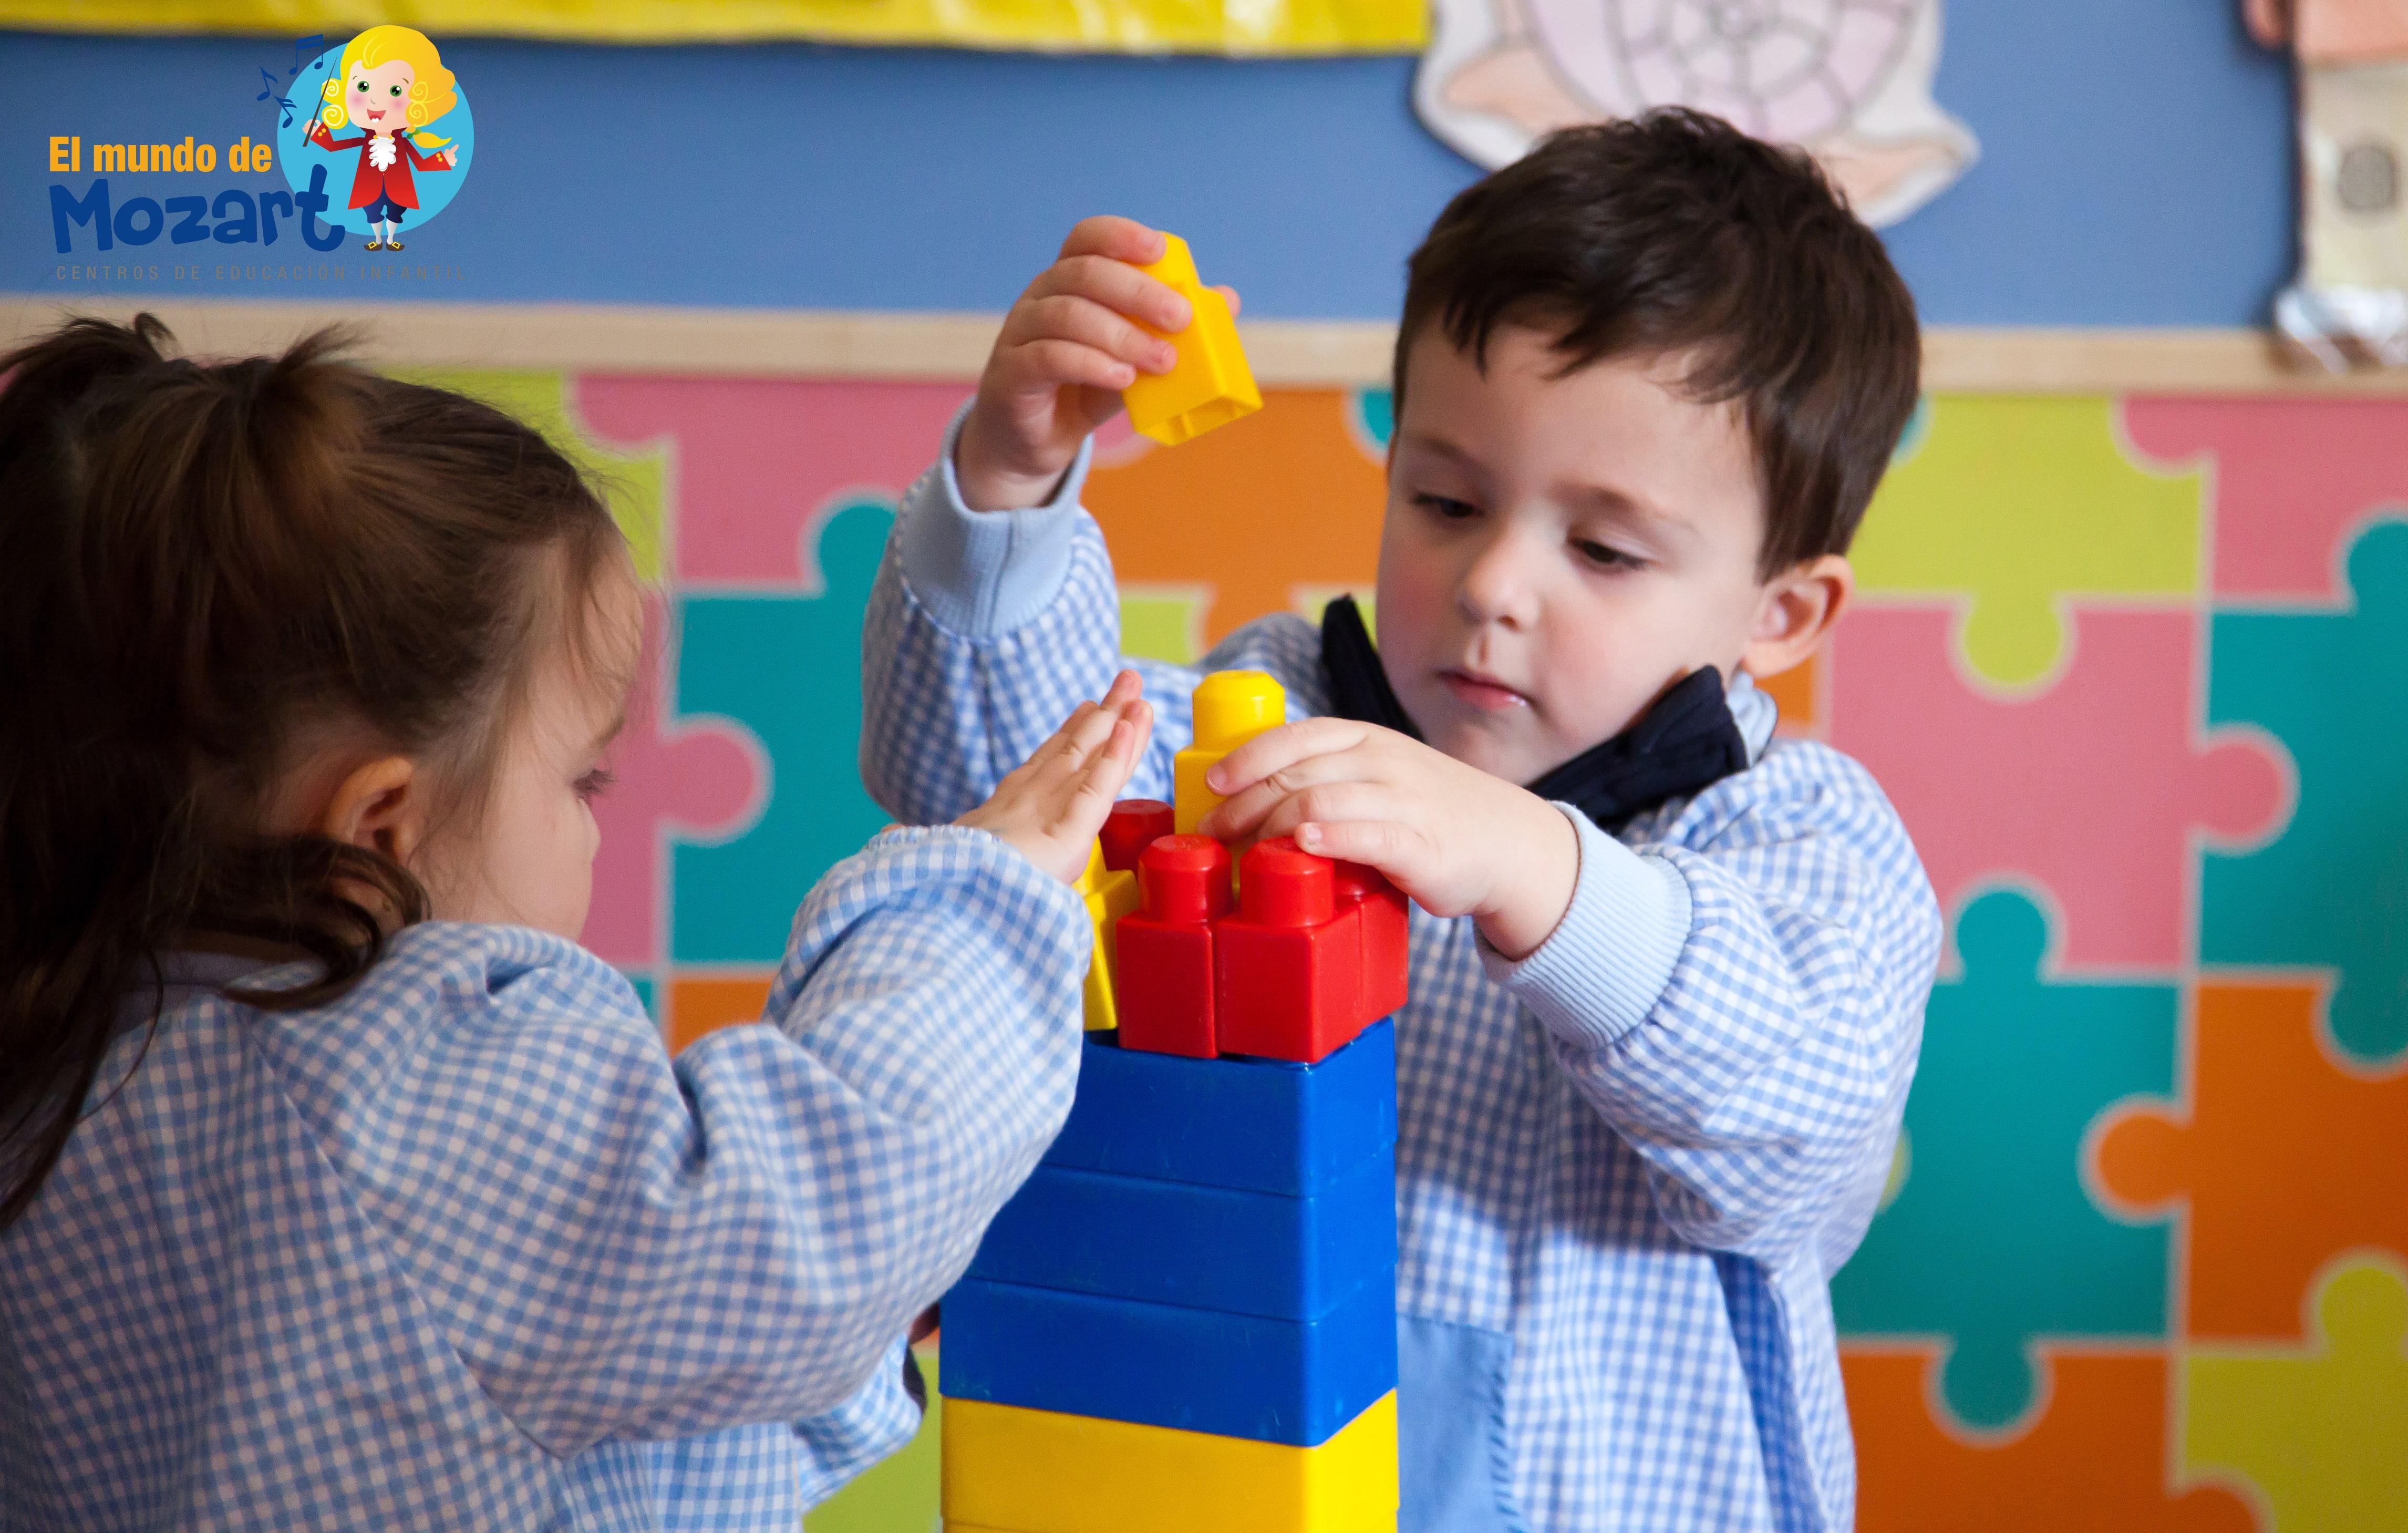 Qué aprenden los niños en la escuela infantil - El Mundo de Mozart